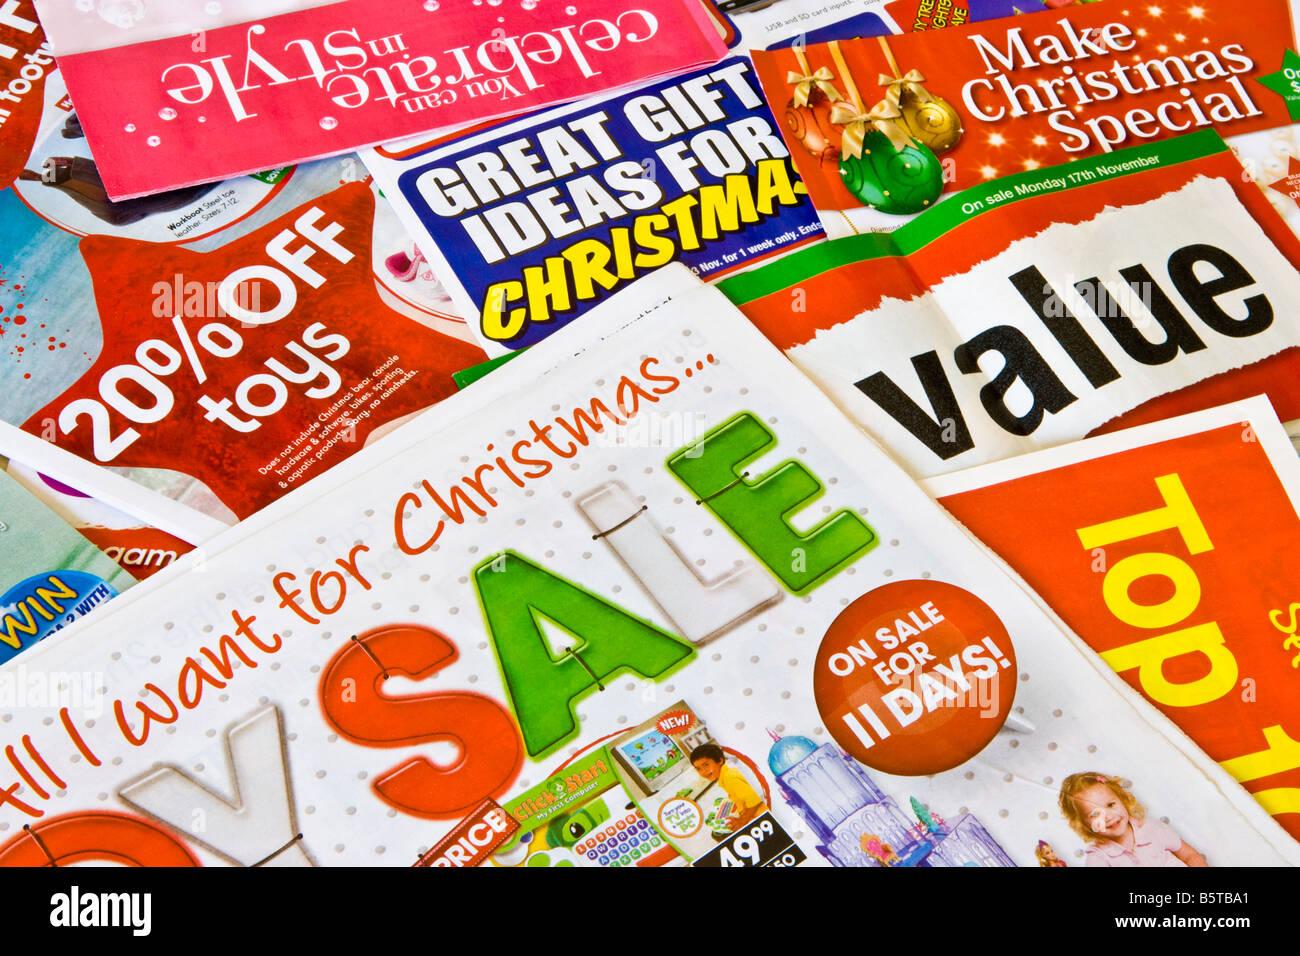 Junk-Mail-Kataloge, Werbung für Weihnachtsgeschenke und Vertrieb ...